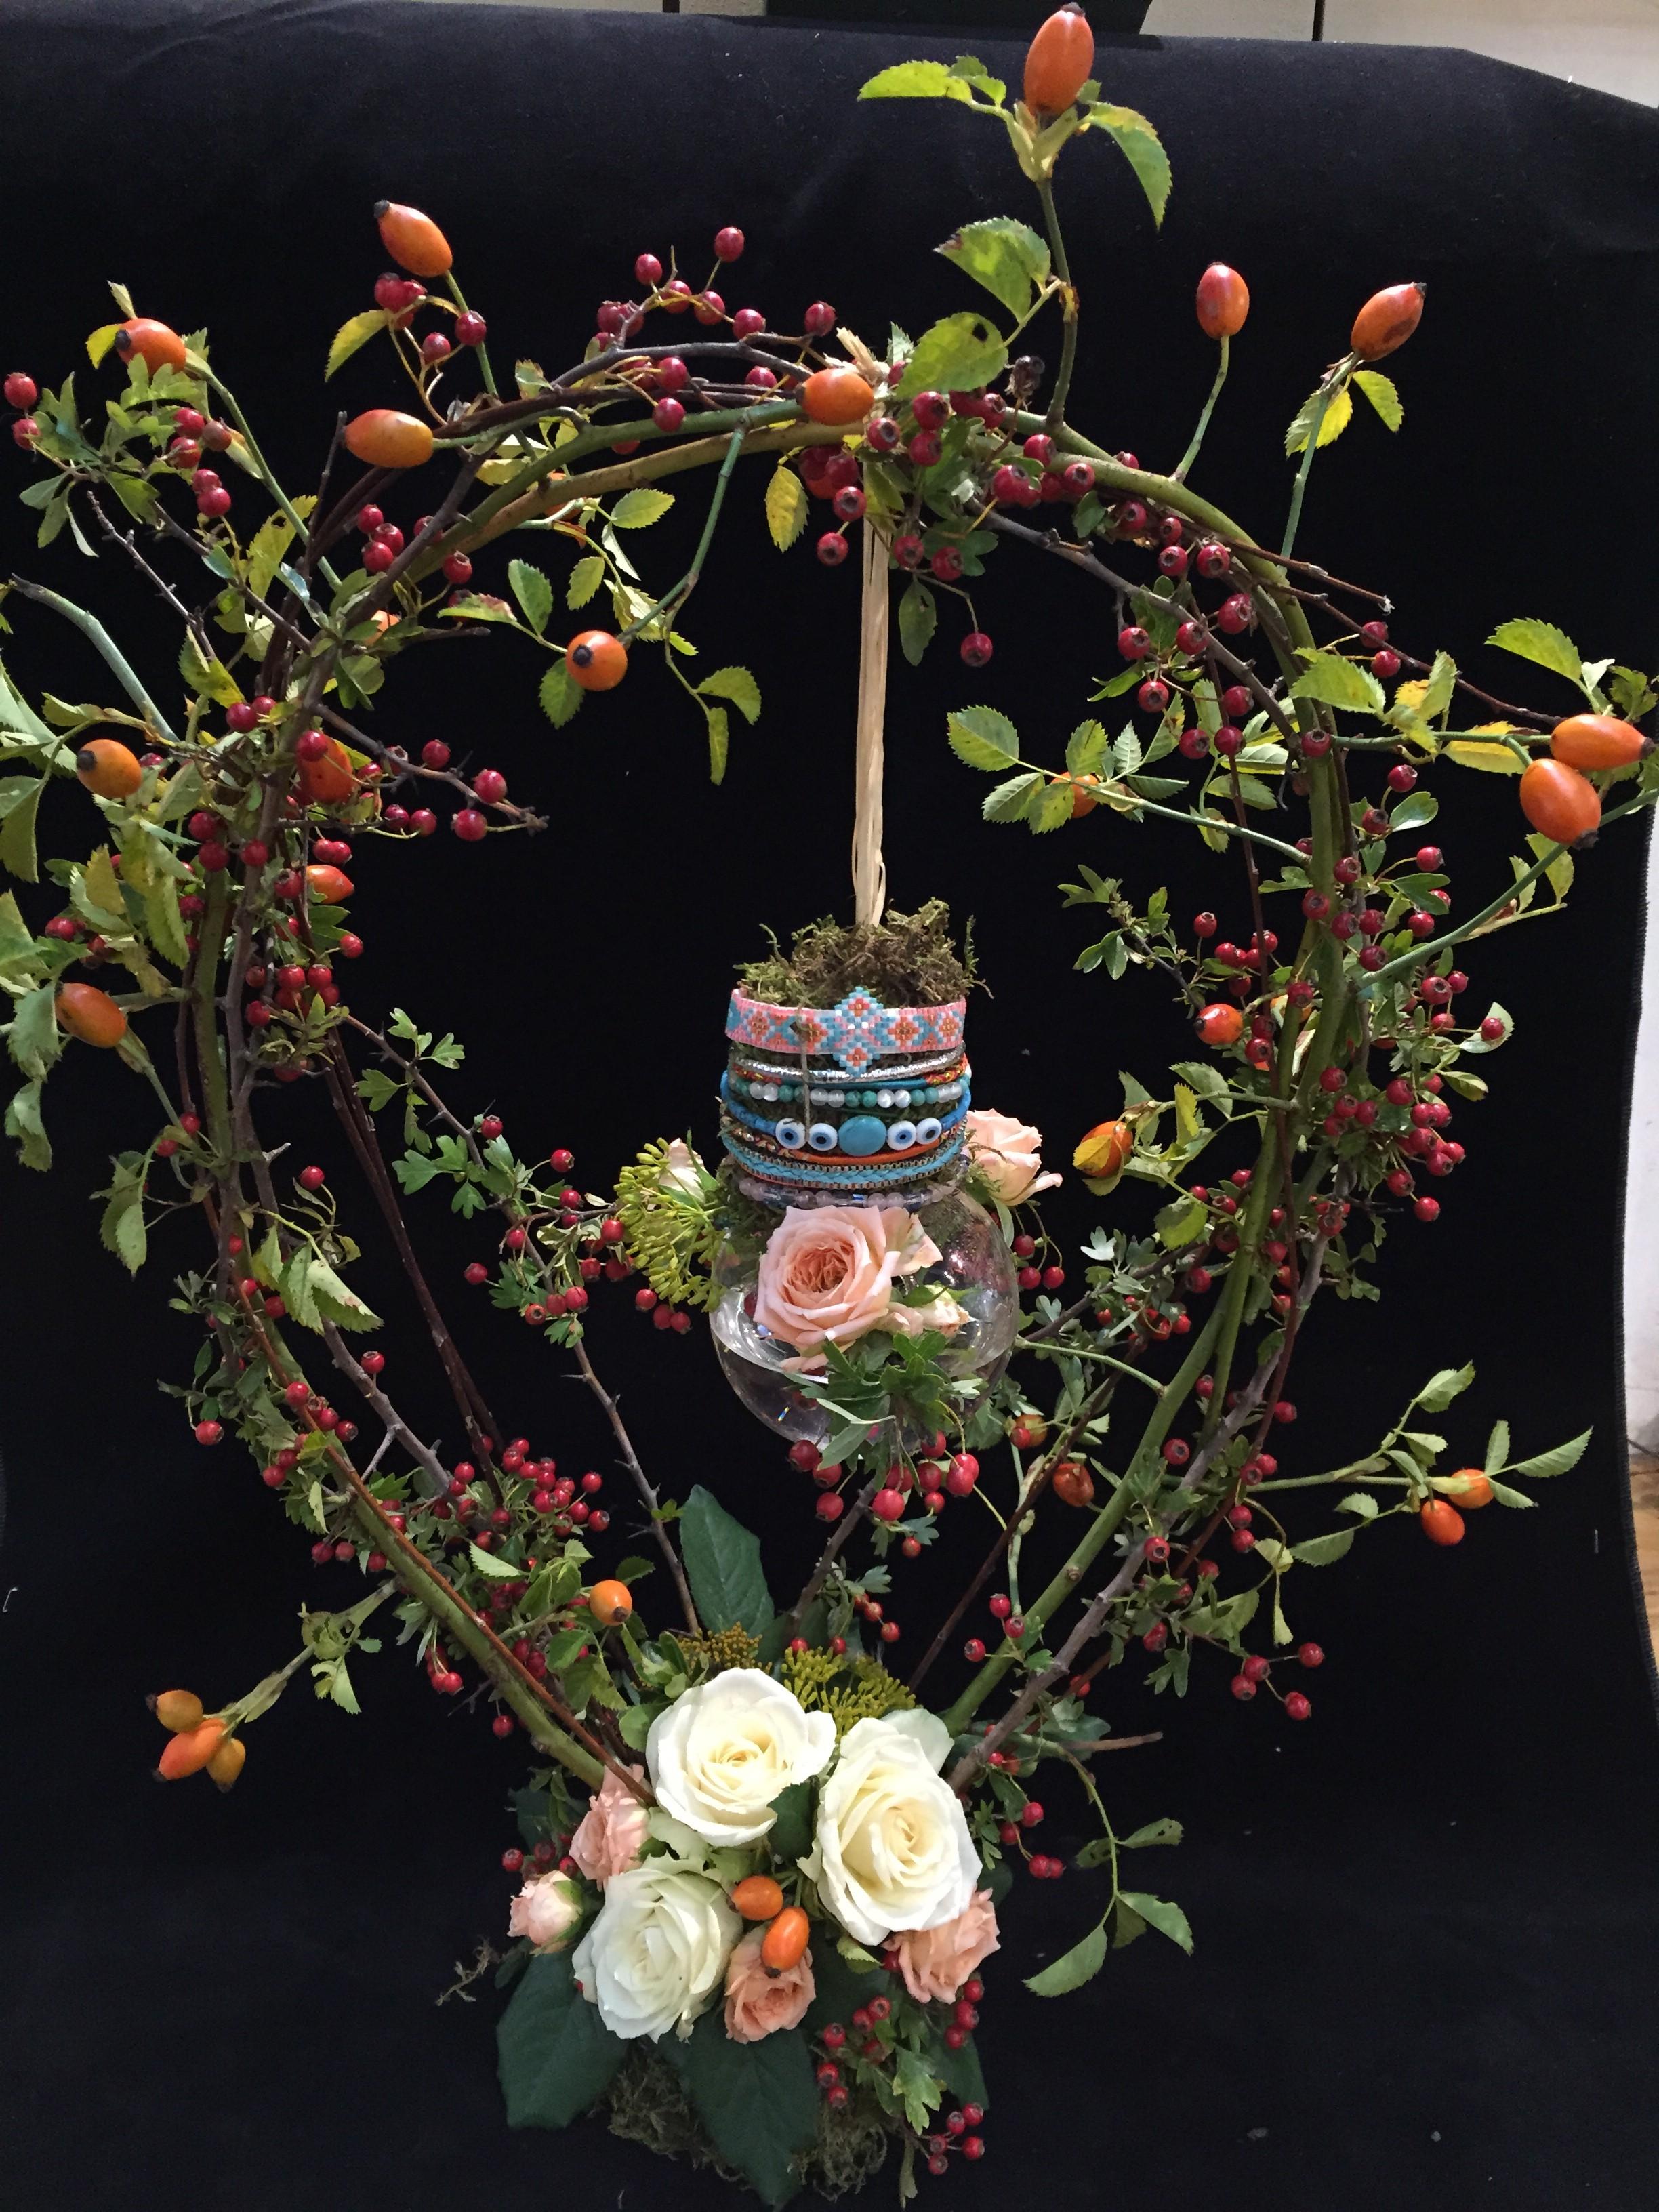 professionnel fleur par nature by benjamin jean. Black Bedroom Furniture Sets. Home Design Ideas